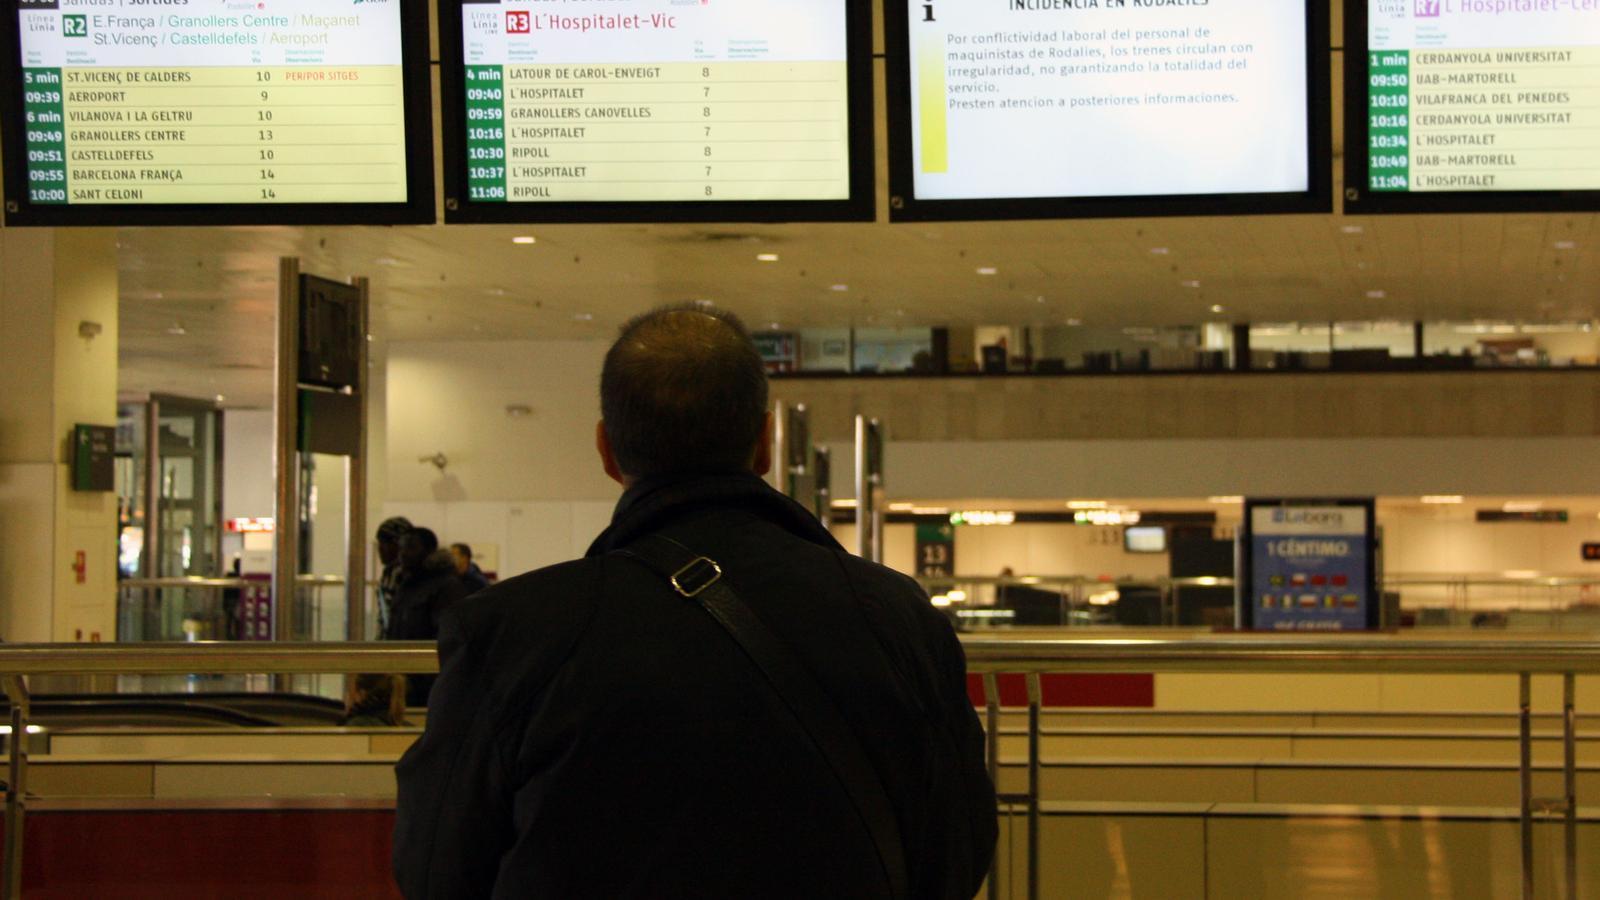 Un usuari observa el rètol que avisa de les incidències en el servei de Rodalies